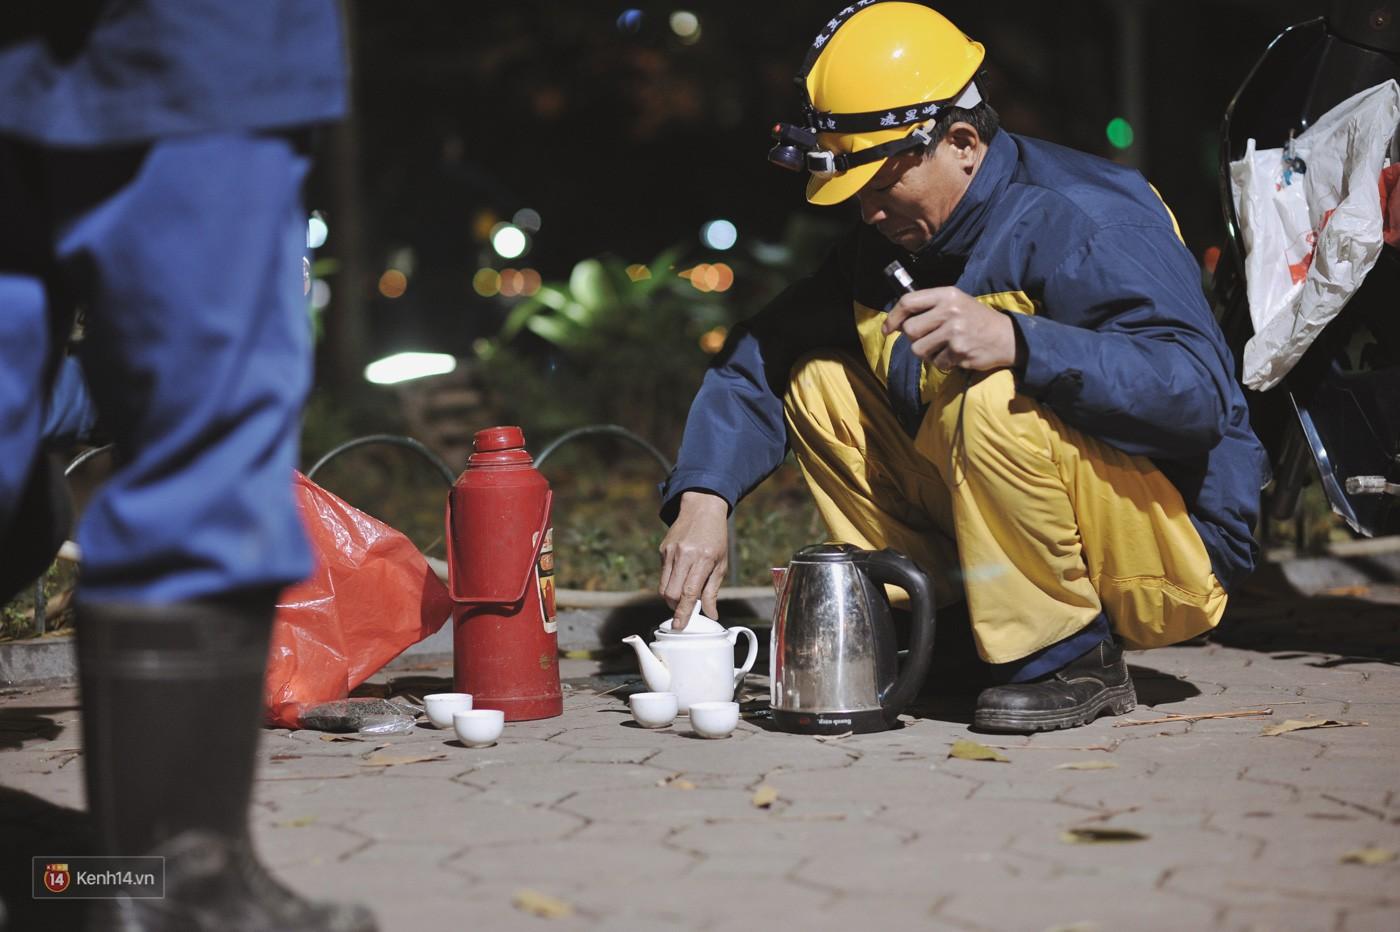 Những công nhân thâu đêm nạo vét hồ Gươm trong cái rét 10 độ C ở Hà Nội: Uống tách trà nóng, cười một cái rồi làm tiếp! - Ảnh 12.